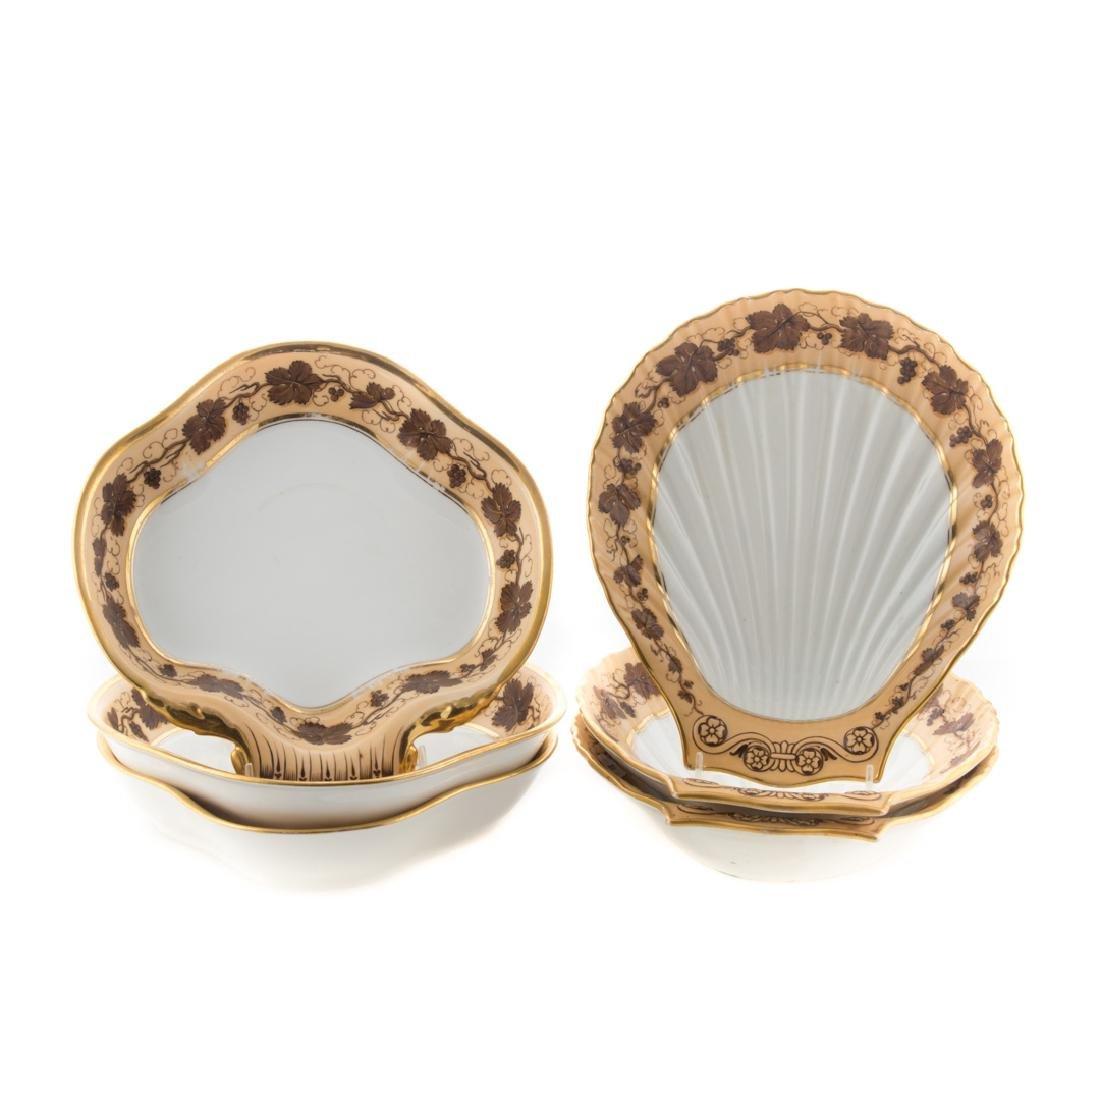 Six Pochet D' a Paris porcelain serving dishes